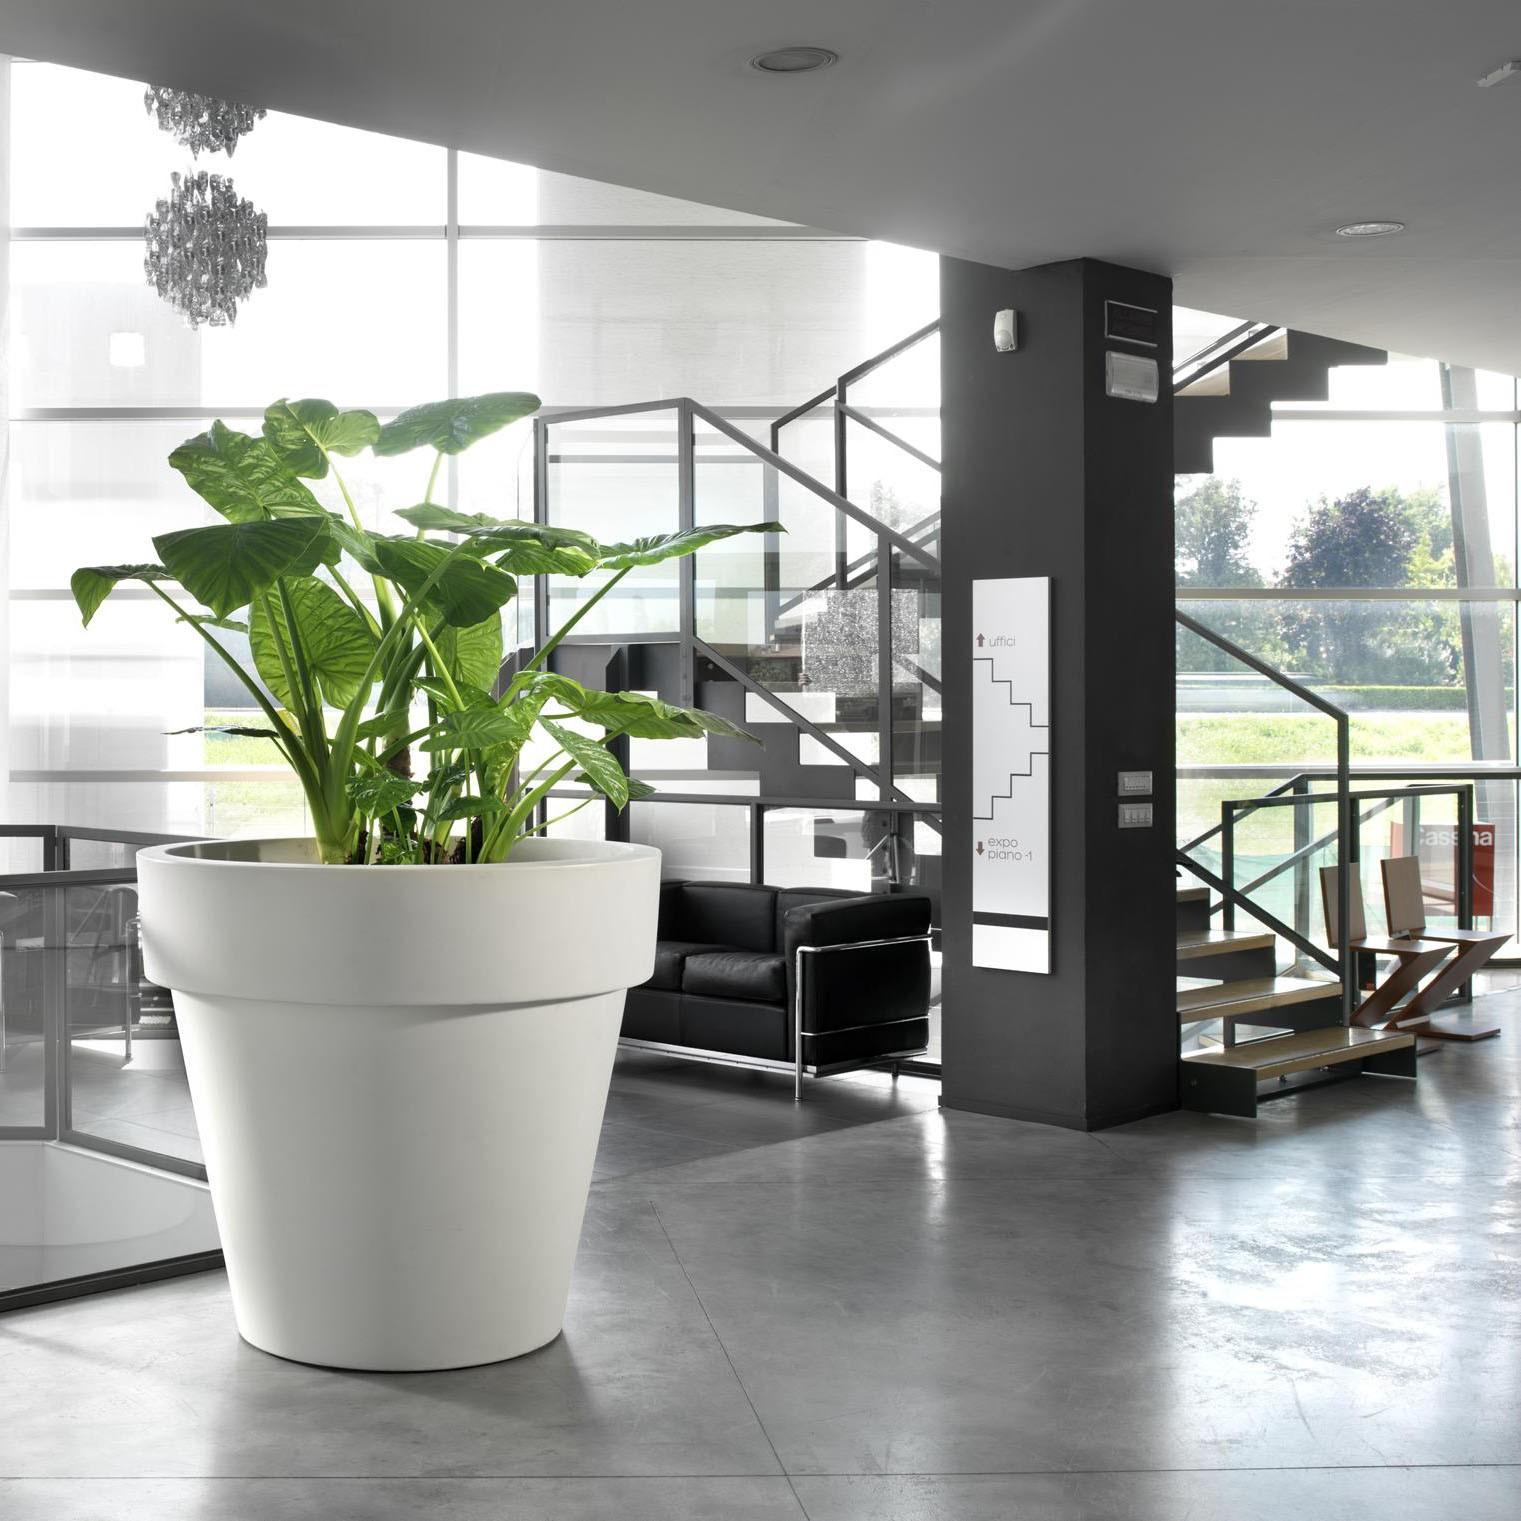 Vaso esterno grandi dimensioni standard one vendita online for Vasi grandi per interni